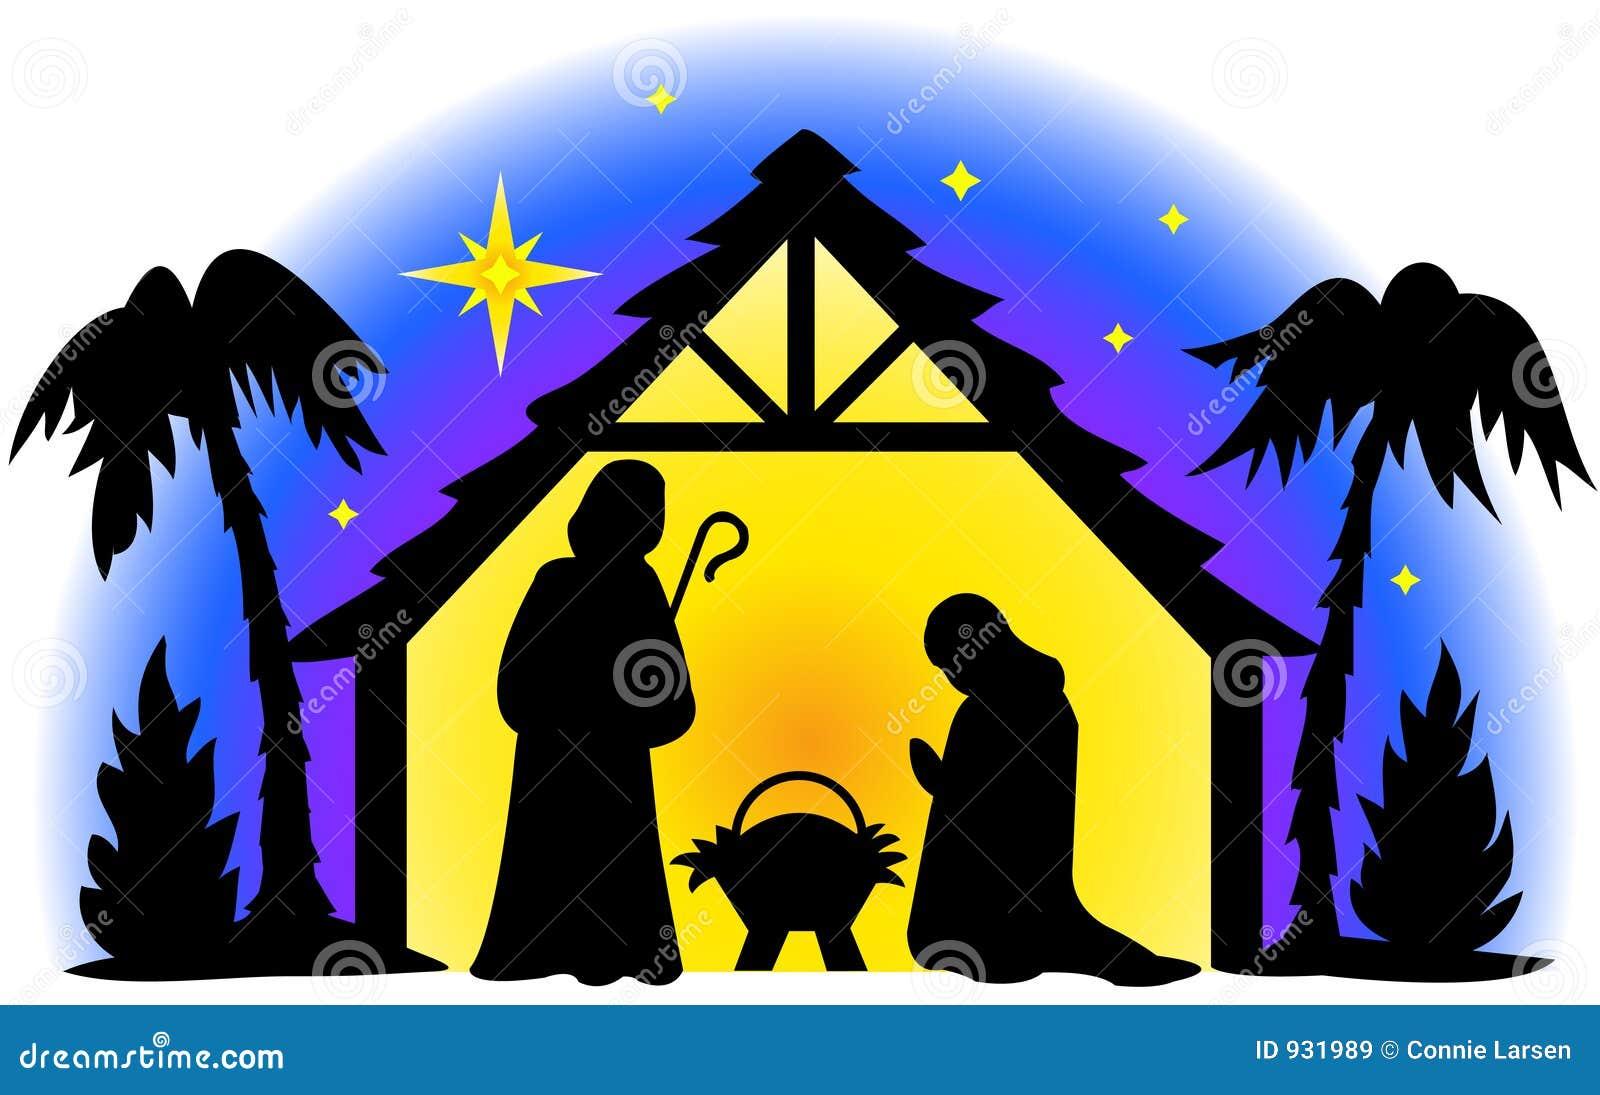 Silhouette de nativité illustration stock. Illustration du ...